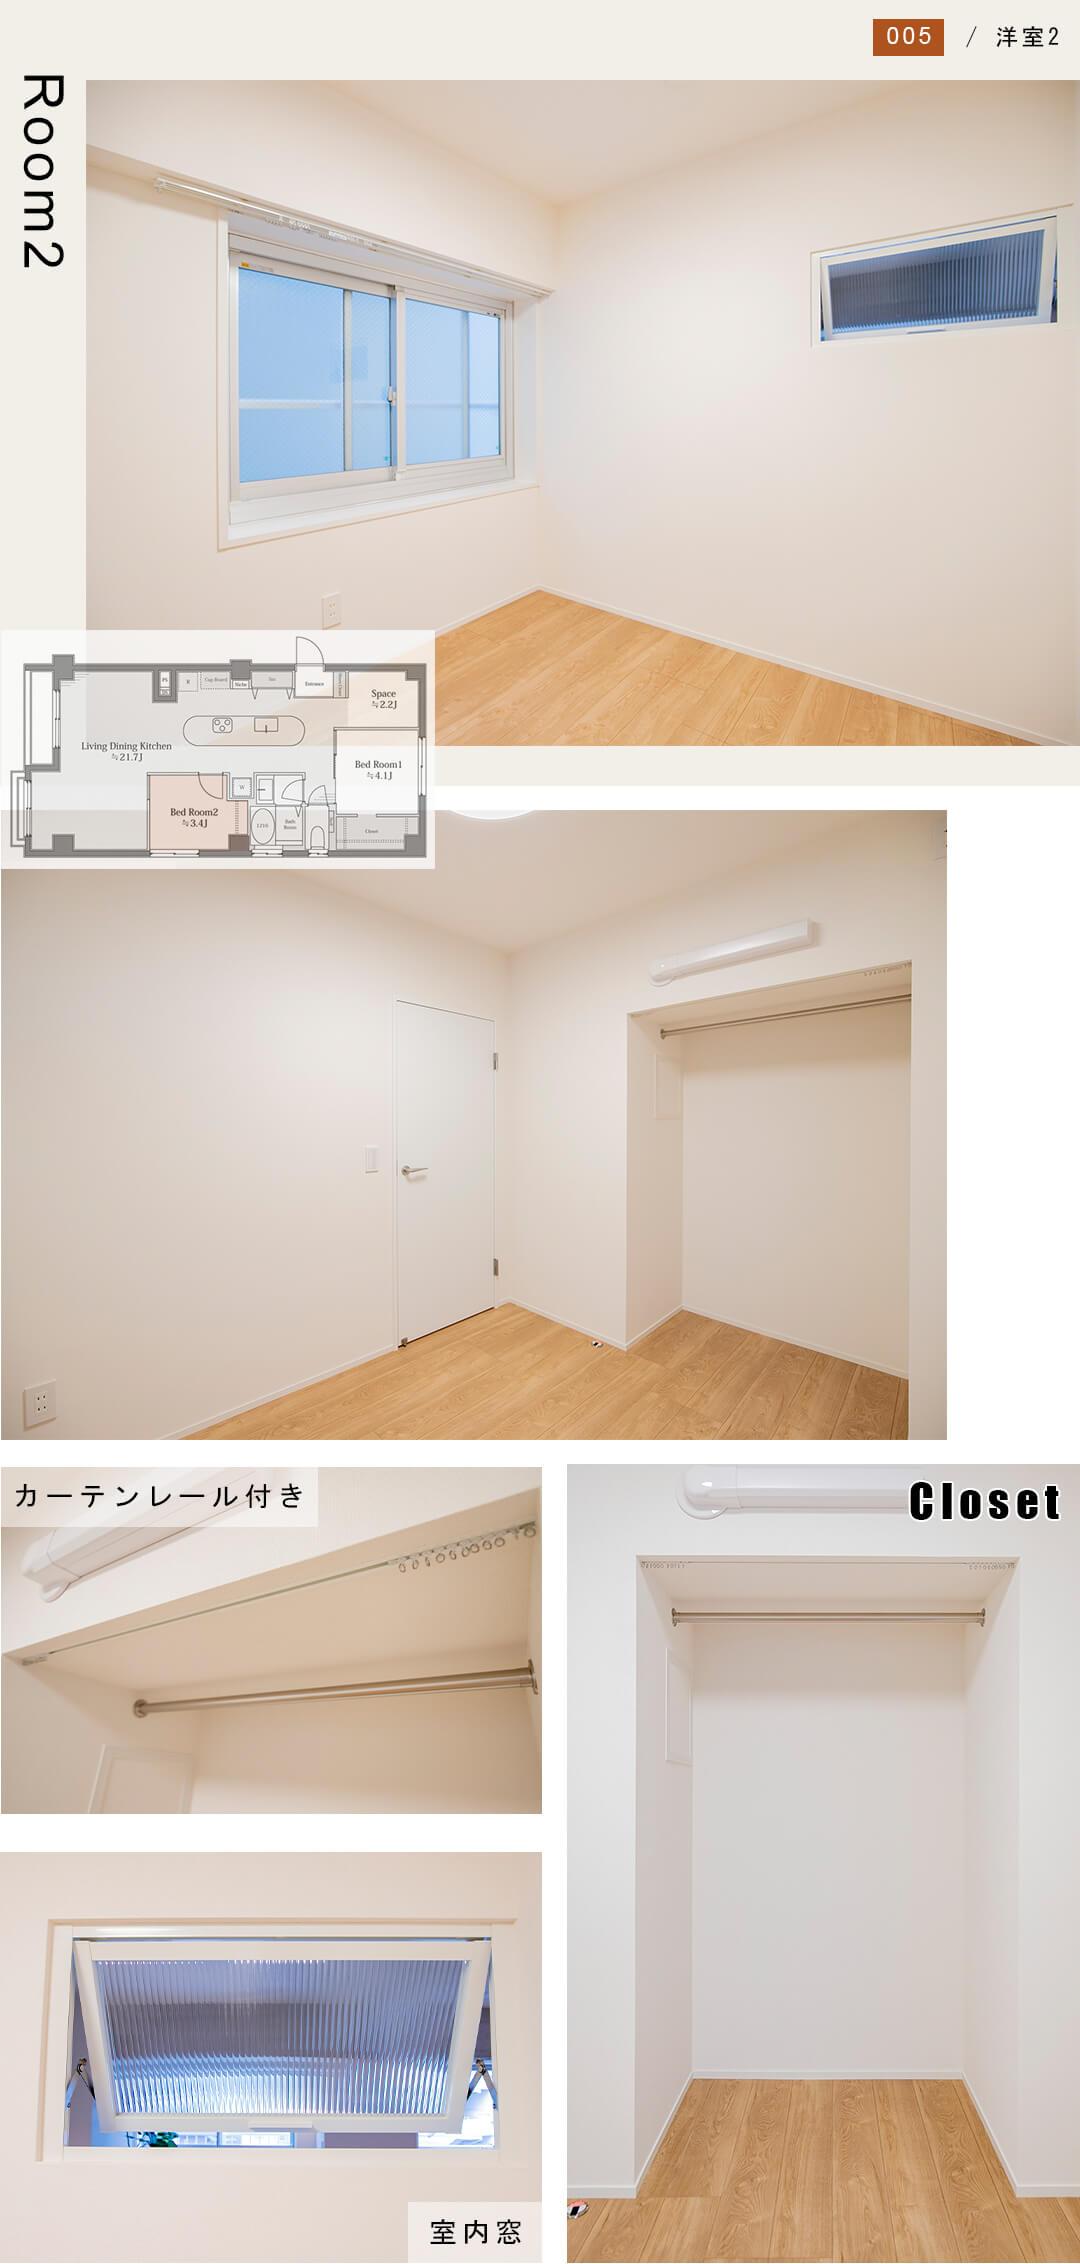 フラットAの洋室